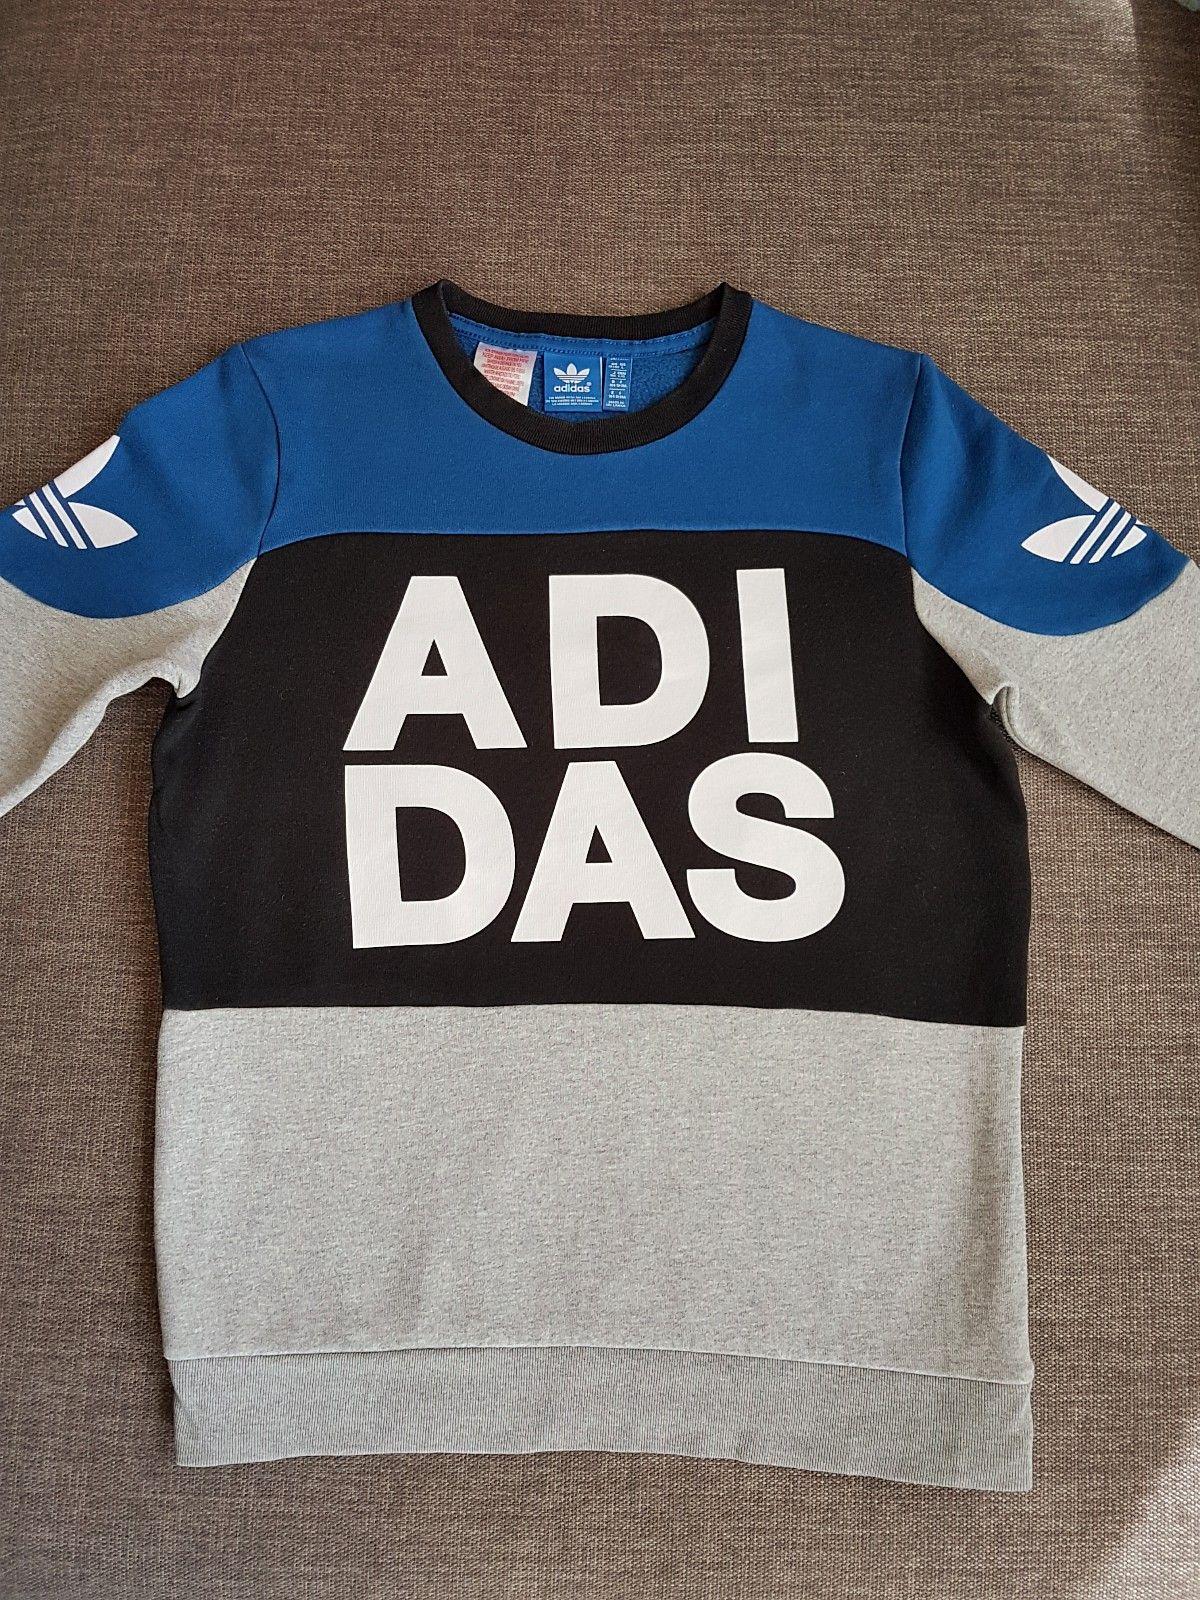 0ff9e134 Genser 11 13 Finn no Adidas Til Original År Gutt AzrAwBpq